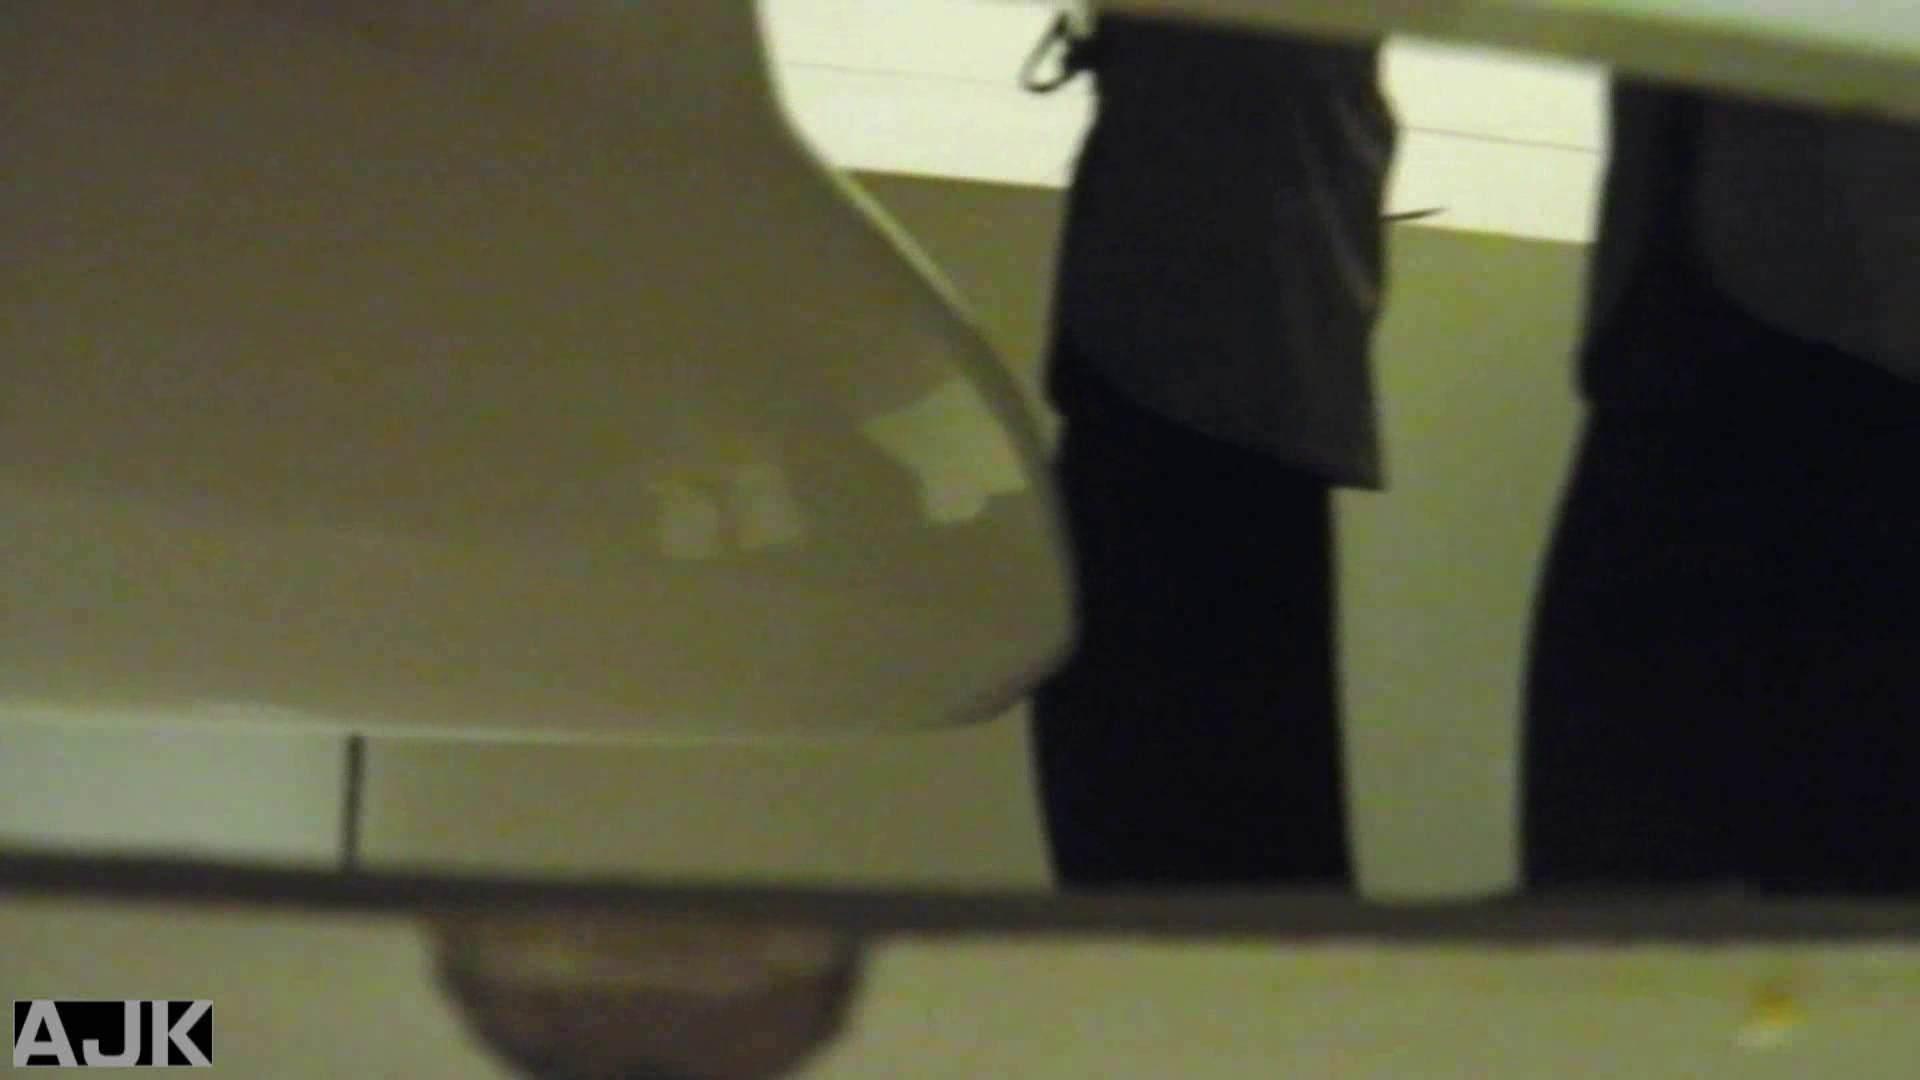 隣国上階級エリアの令嬢たちが集うデパートお手洗い Vol.11 OLの実態 | お手洗い  58pic 9